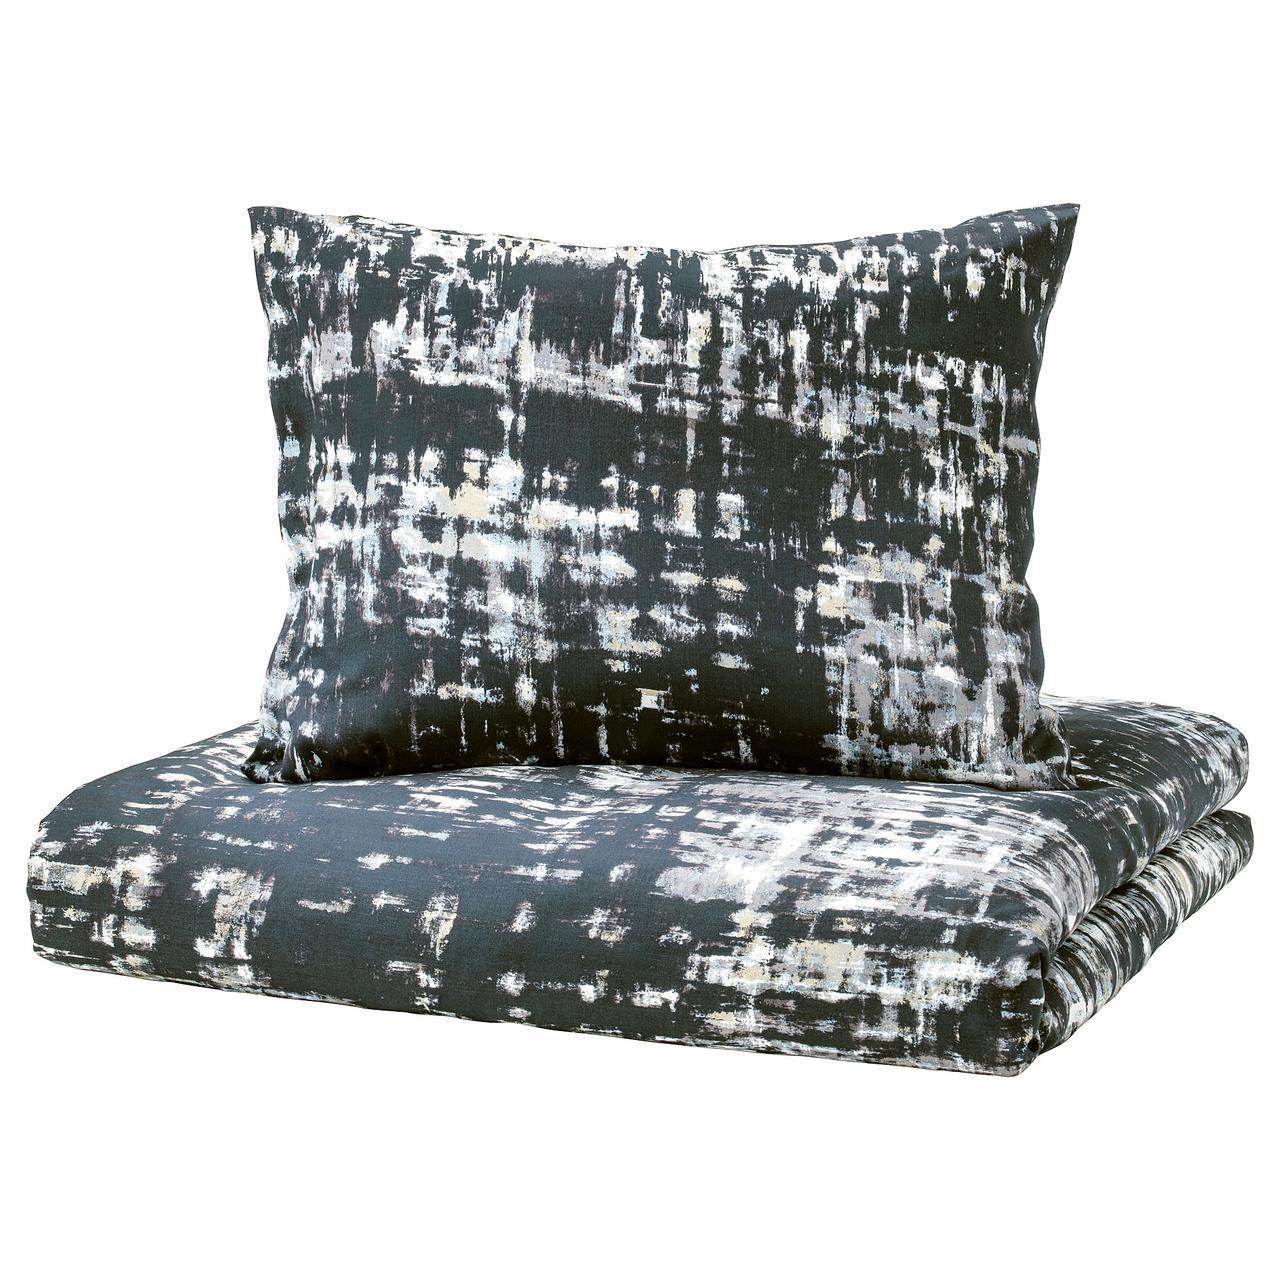 IKEA SKOGSLONN Комплект постельного белья, черный, разноцветный  (103.375.20)